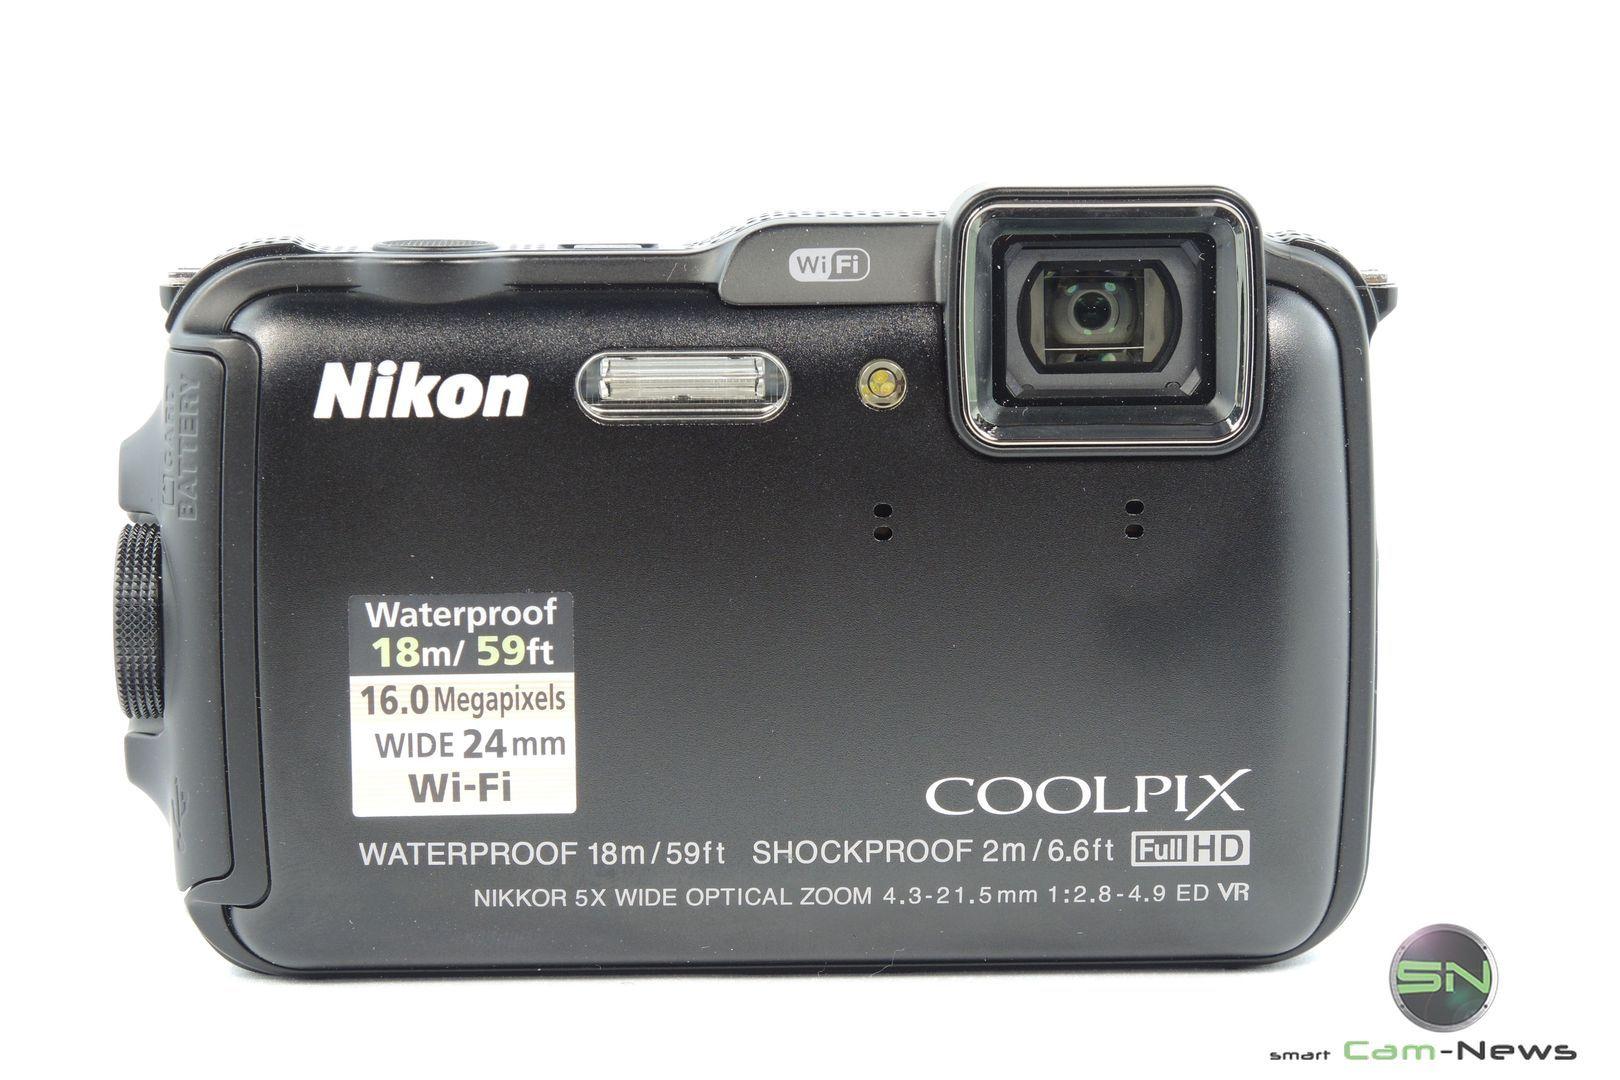 Nikon AW120 Outdoor Action Cam